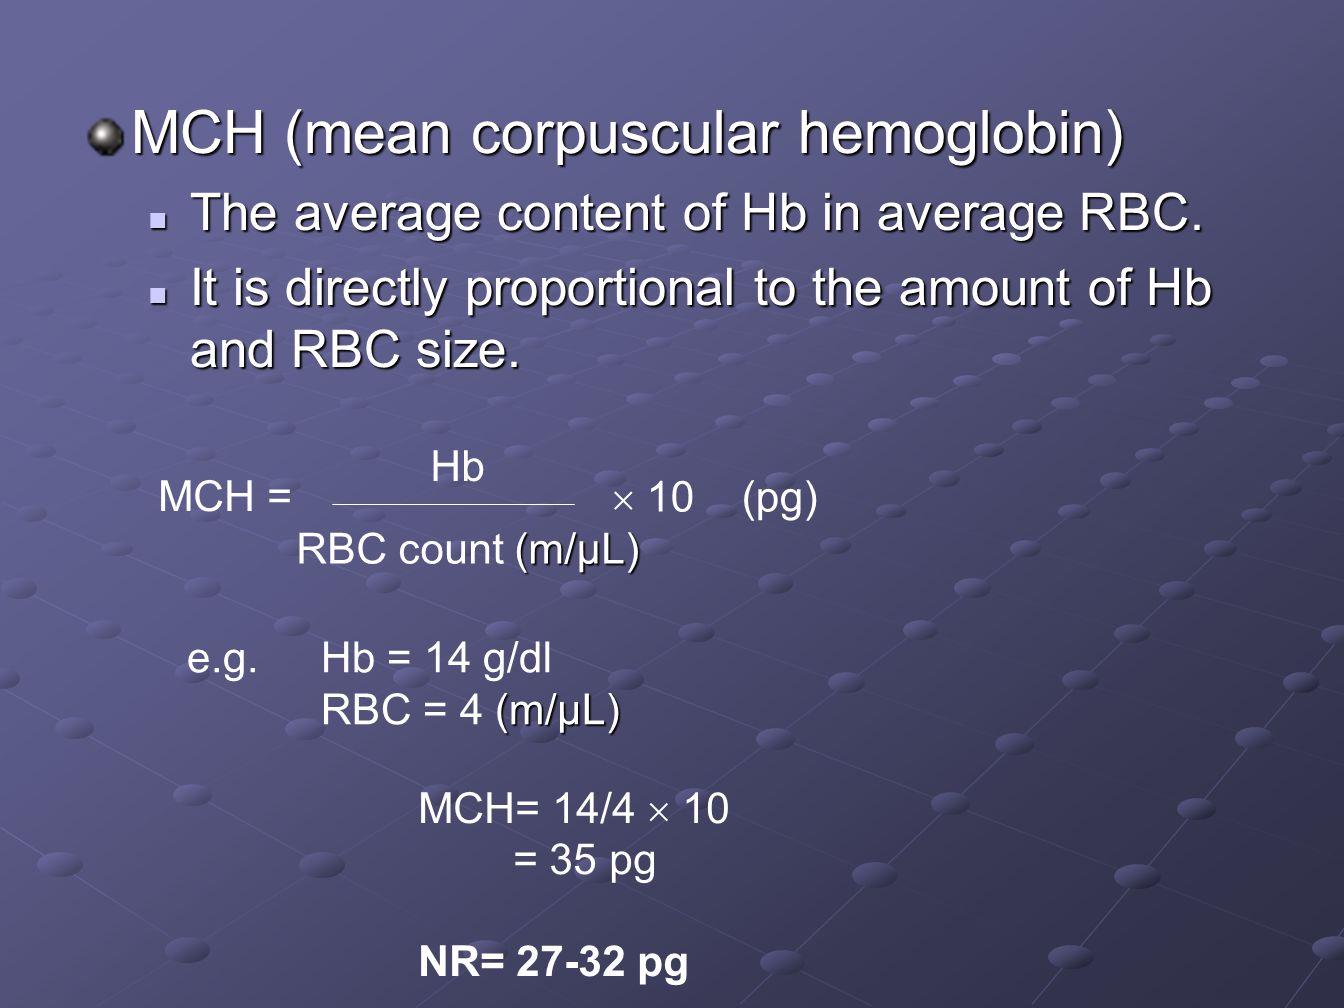 MCH (mean corpuscular hemoglobin)